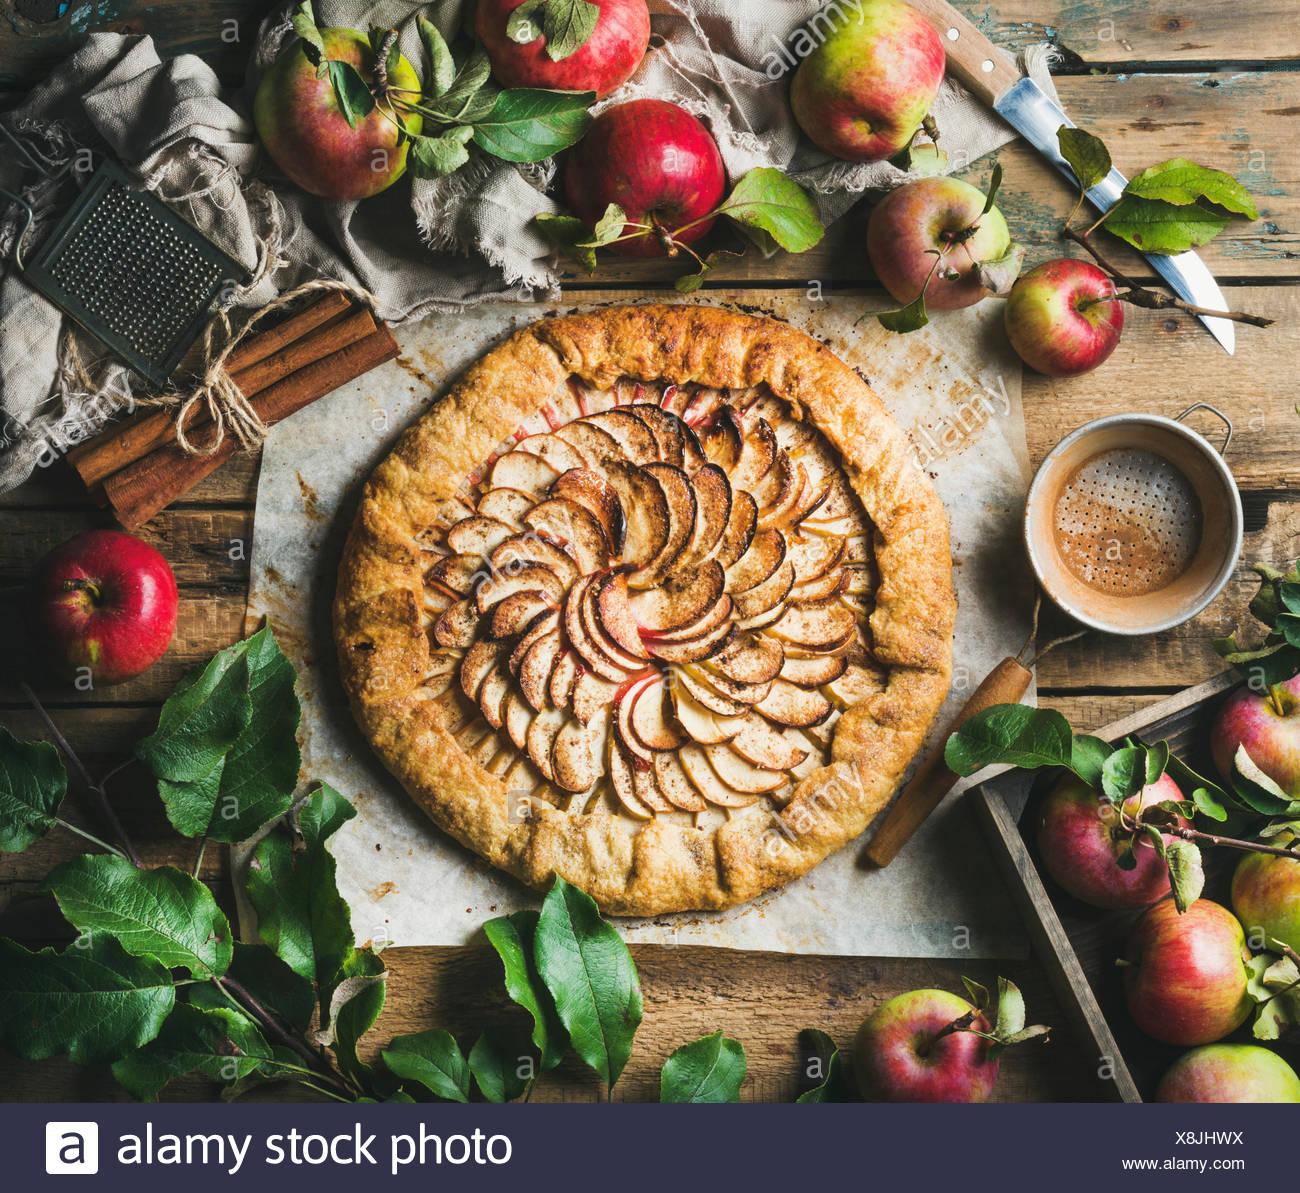 Apple la crostata con cannella servita con fresco giardino di mele con foglie sul legno rustico sfondo, vista superiore, orizzontale c Immagini Stock